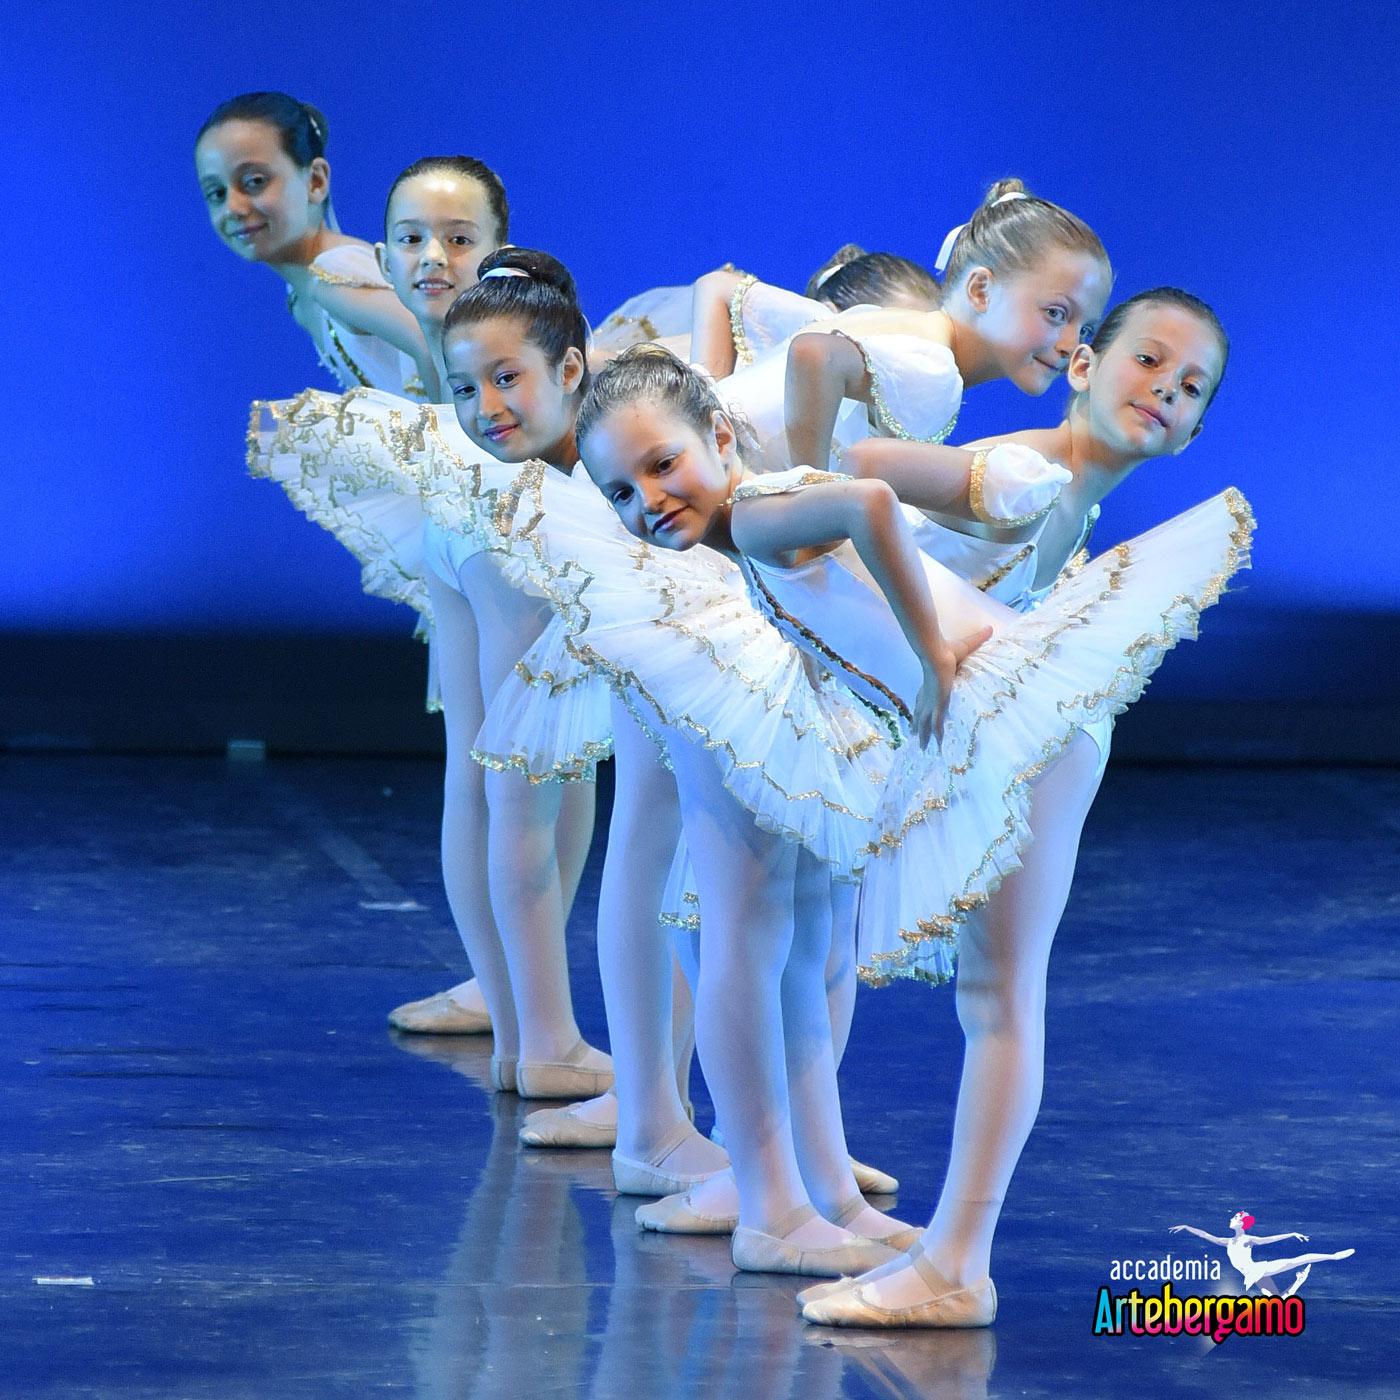 Accademia Arte Bergamo Pagina Corsi Danza Classica